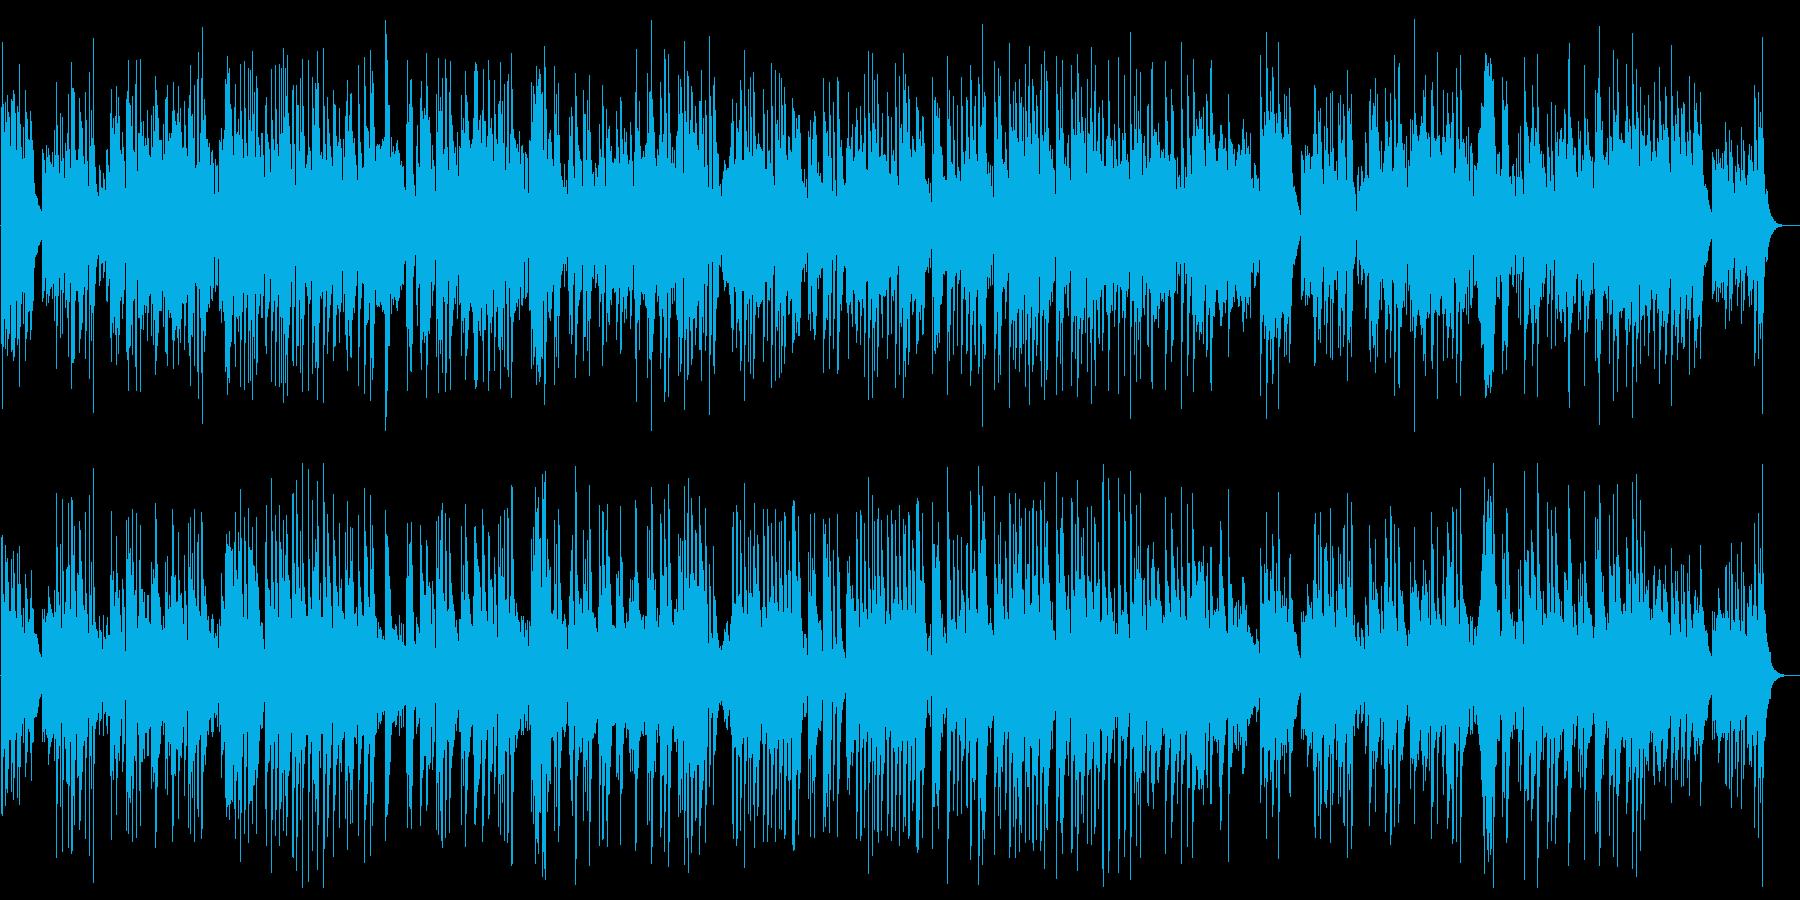 可憐で軽やかなクラシカルピアノサウンドの再生済みの波形